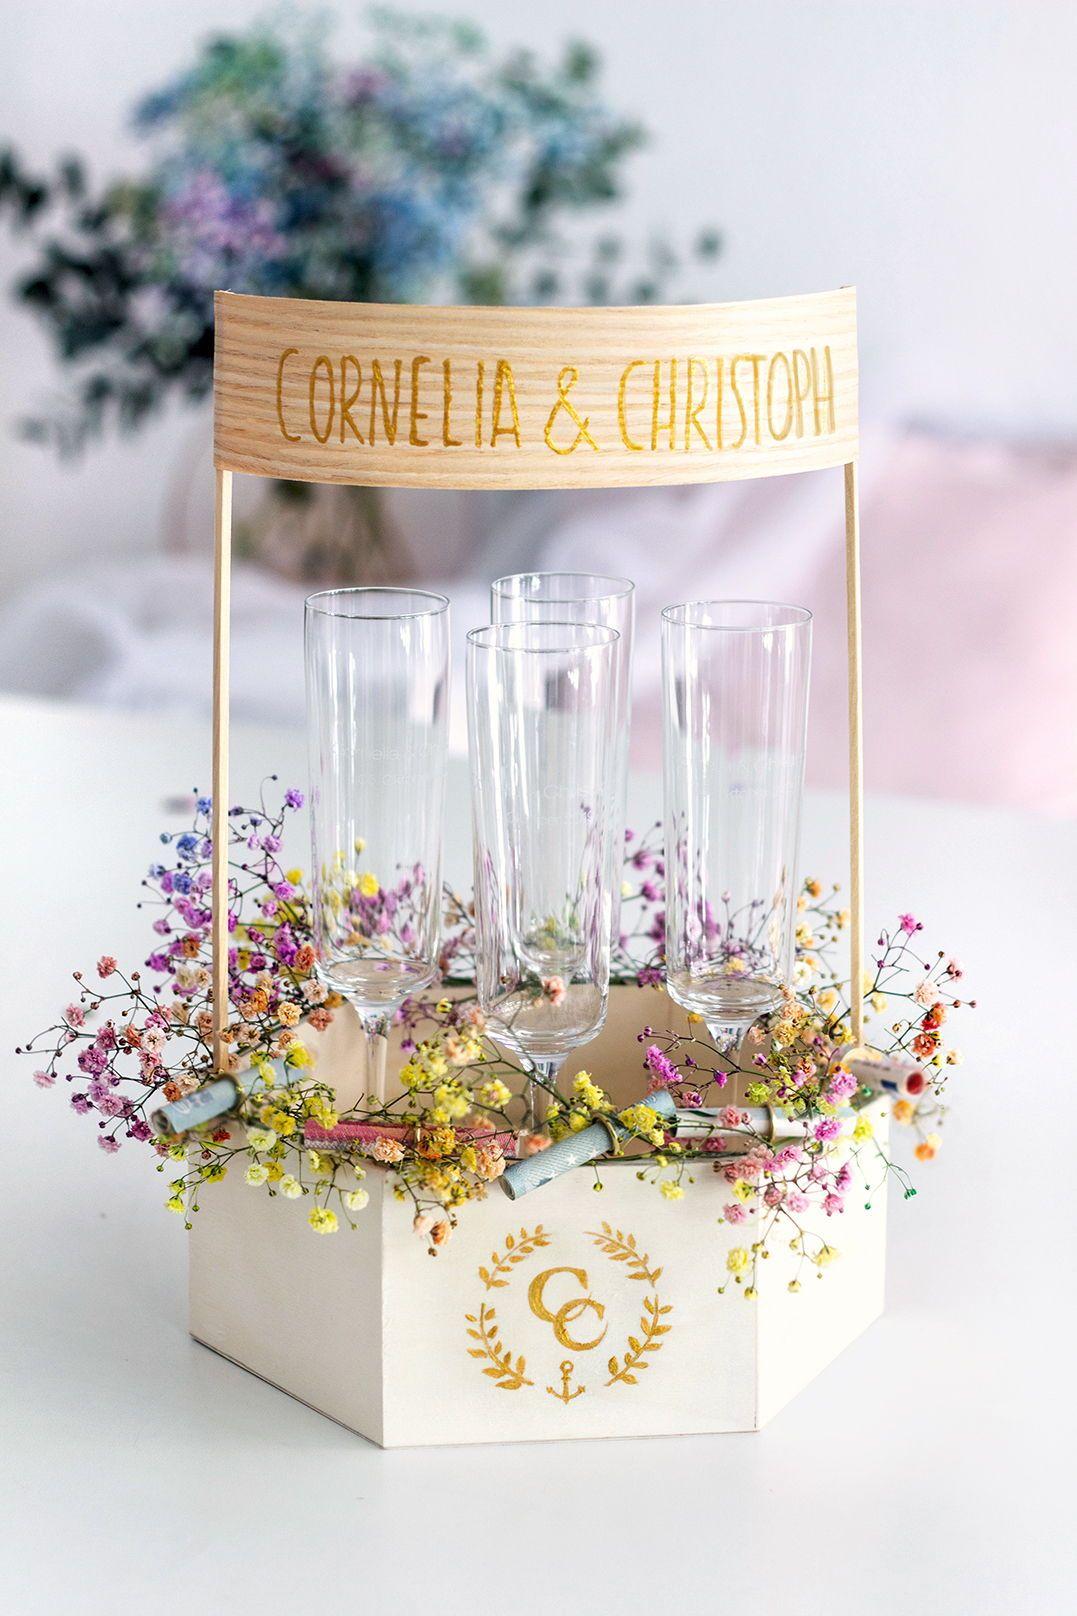 Geldgeschenk Ideen Zur Hochzeit Diy Ballon Gravierte Sektglaser Geschenk Hochzeit Diy Geschenke Hochzeit Hochzeit Geschenk Geld